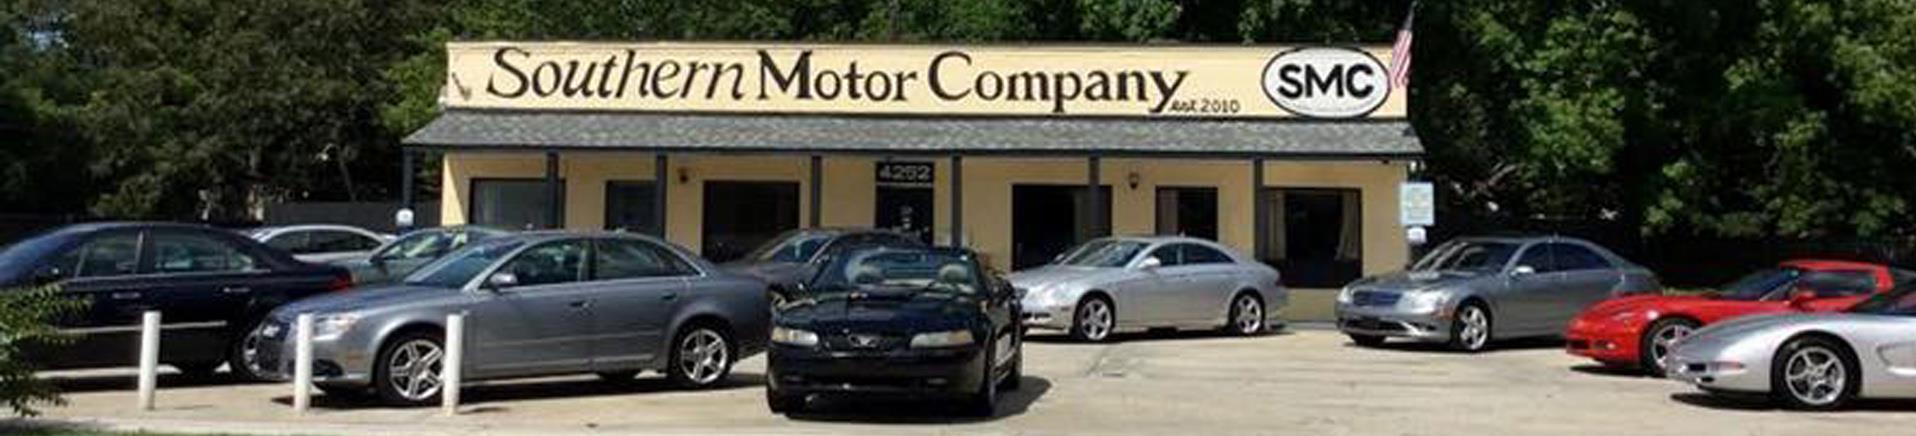 Used Cars Charleston Sc >> Used Cars North Charleston Sc Used Cars Trucks Sc